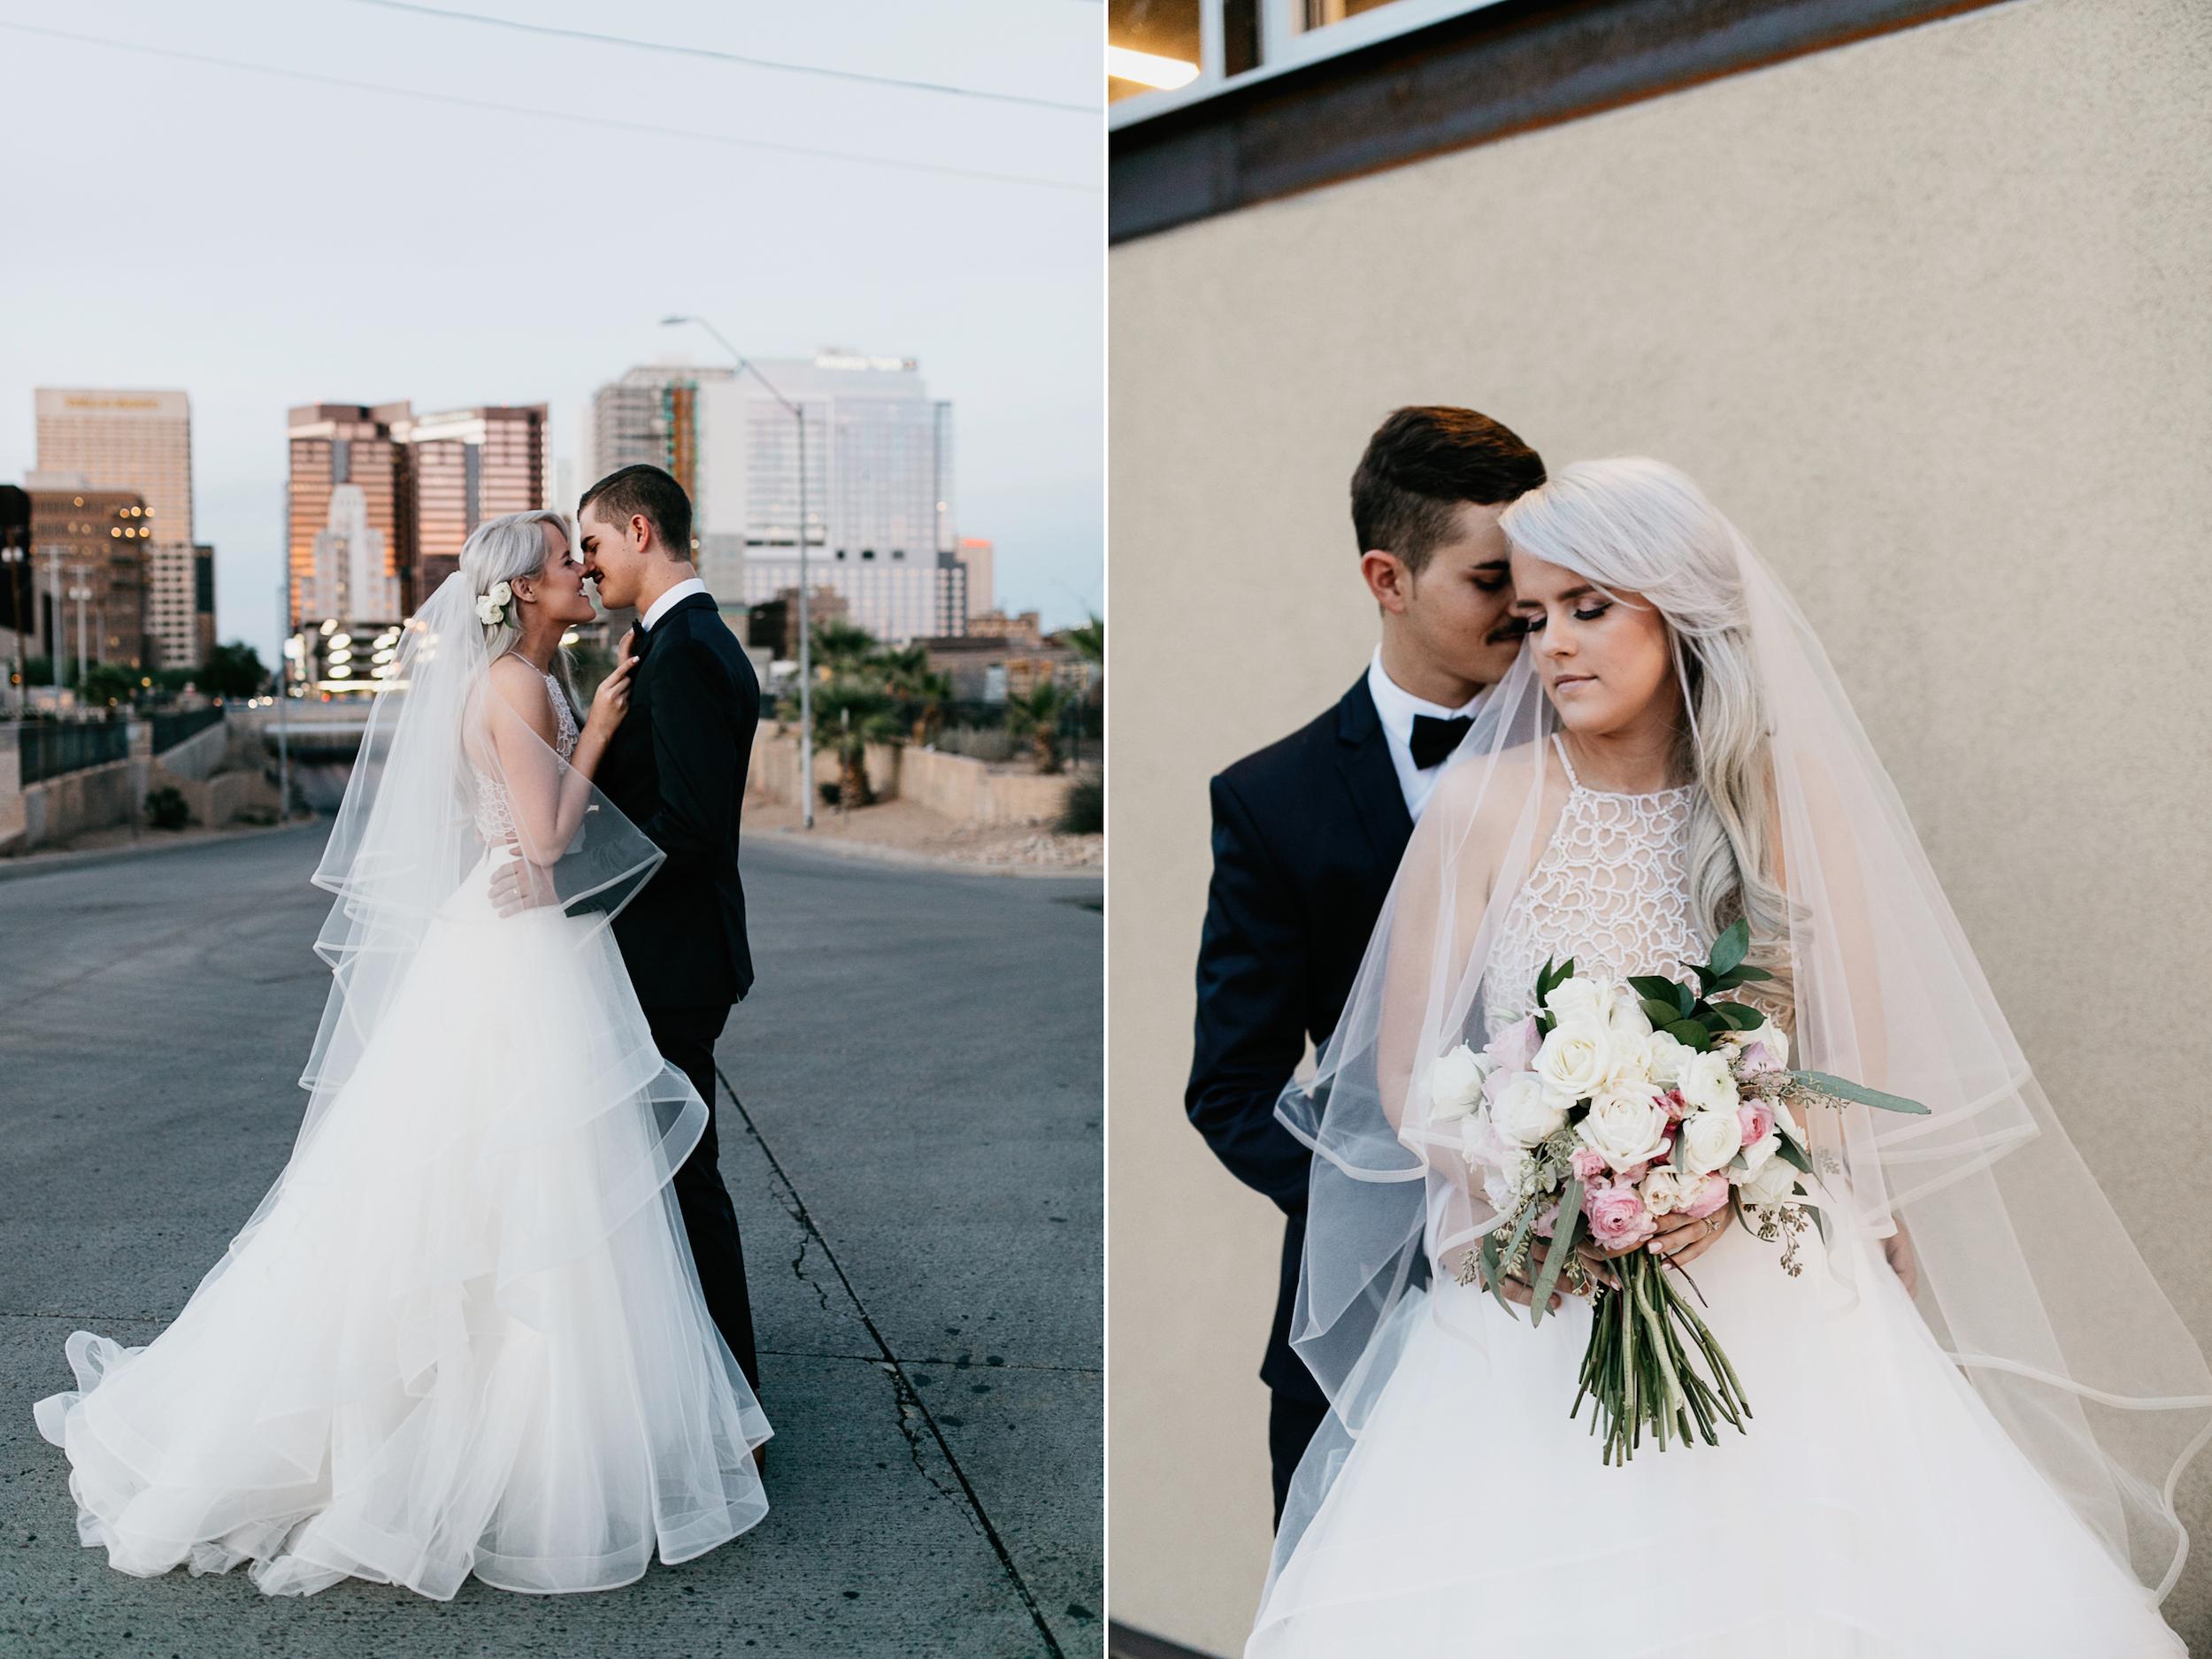 arizona - wedding - photography 00012.jpg